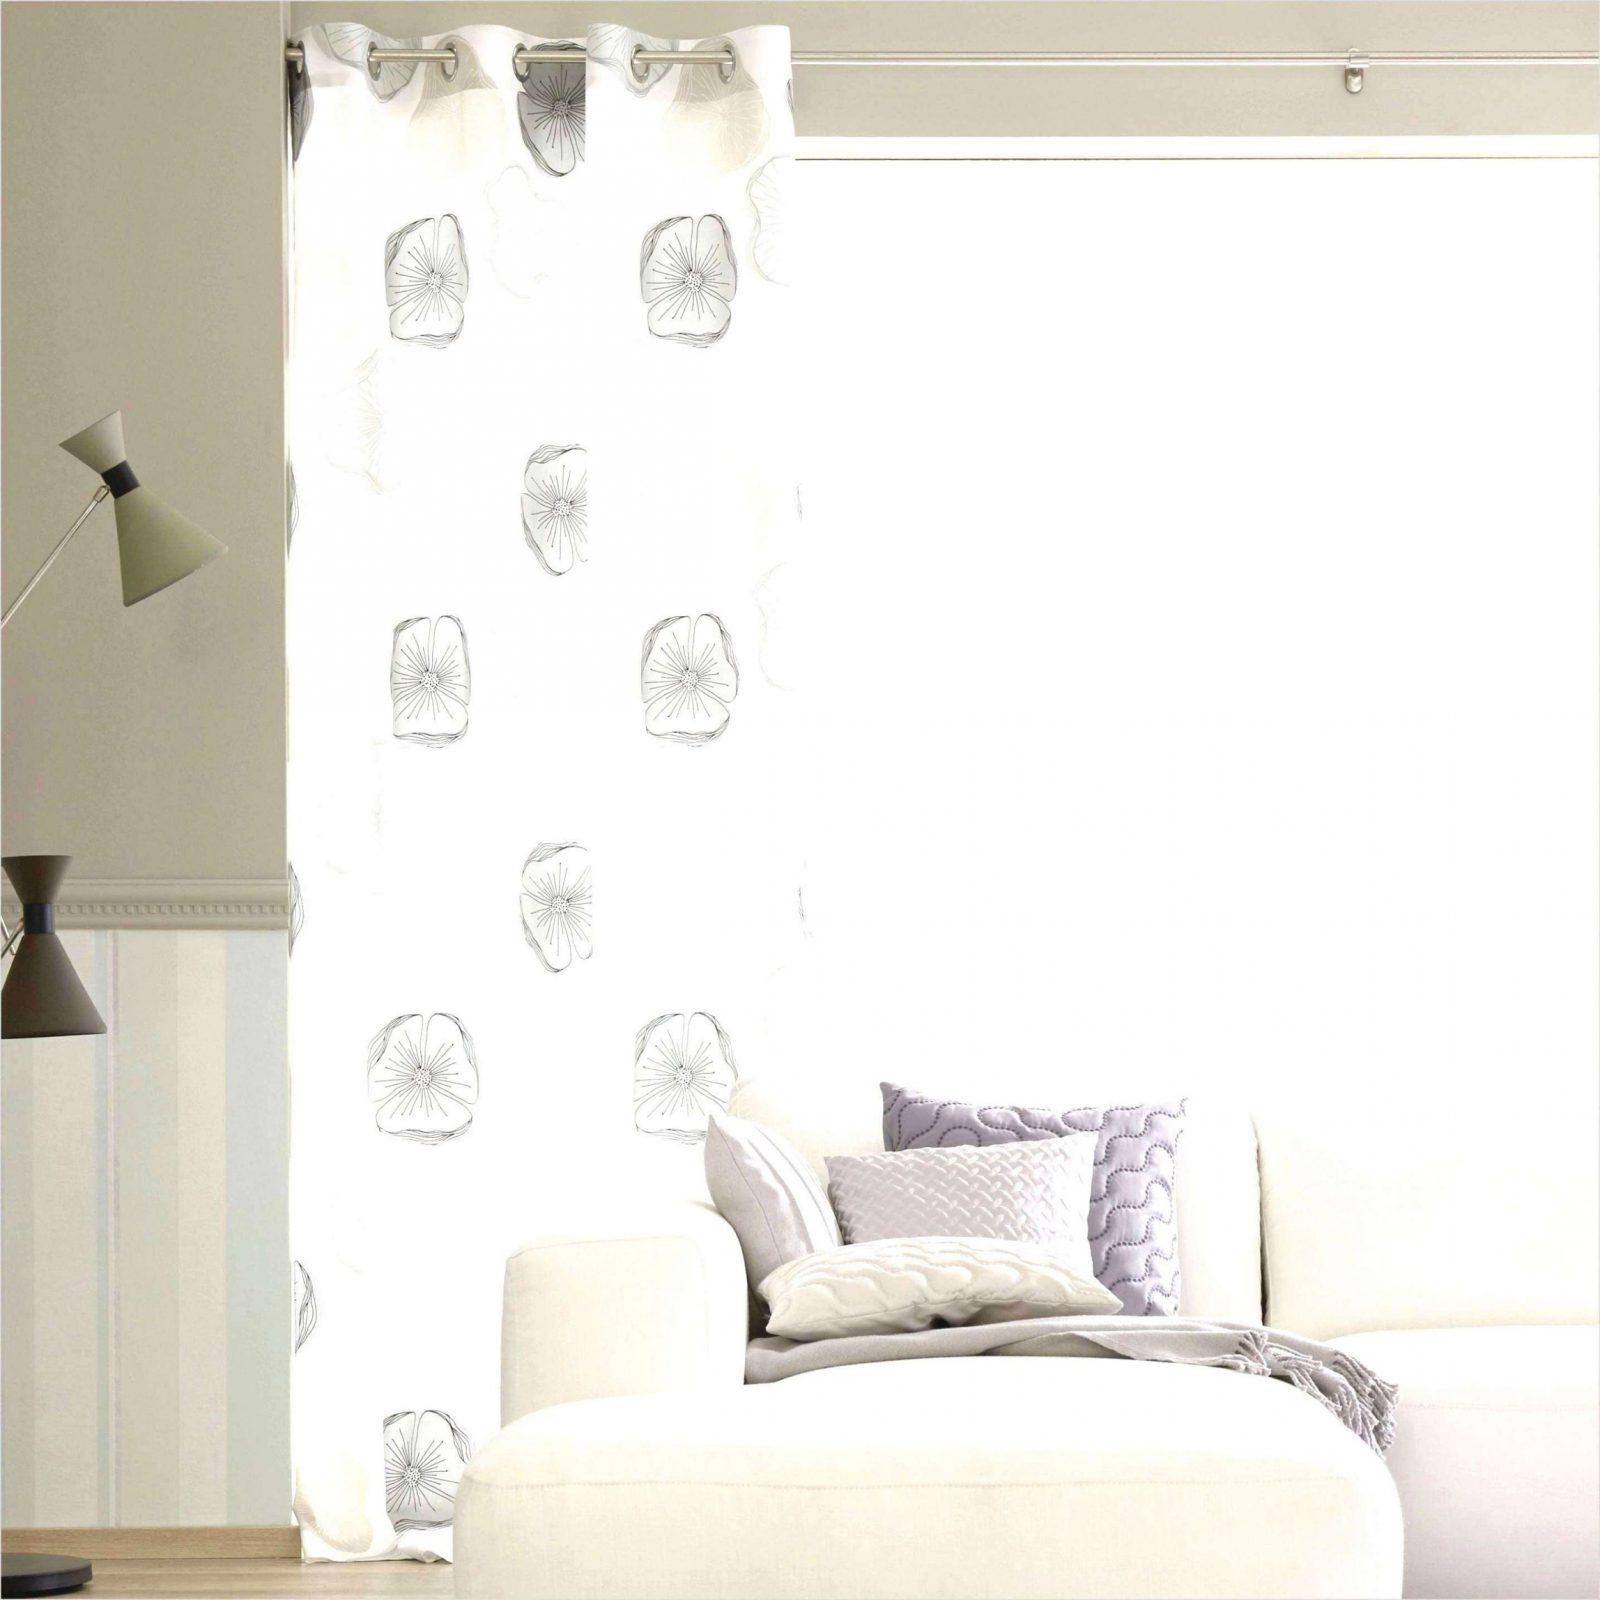 Gardinen Ideen Dachfenster Inspiration Von Garten Vorschläge von Gardinen Für Dachfenster Ideen Bild